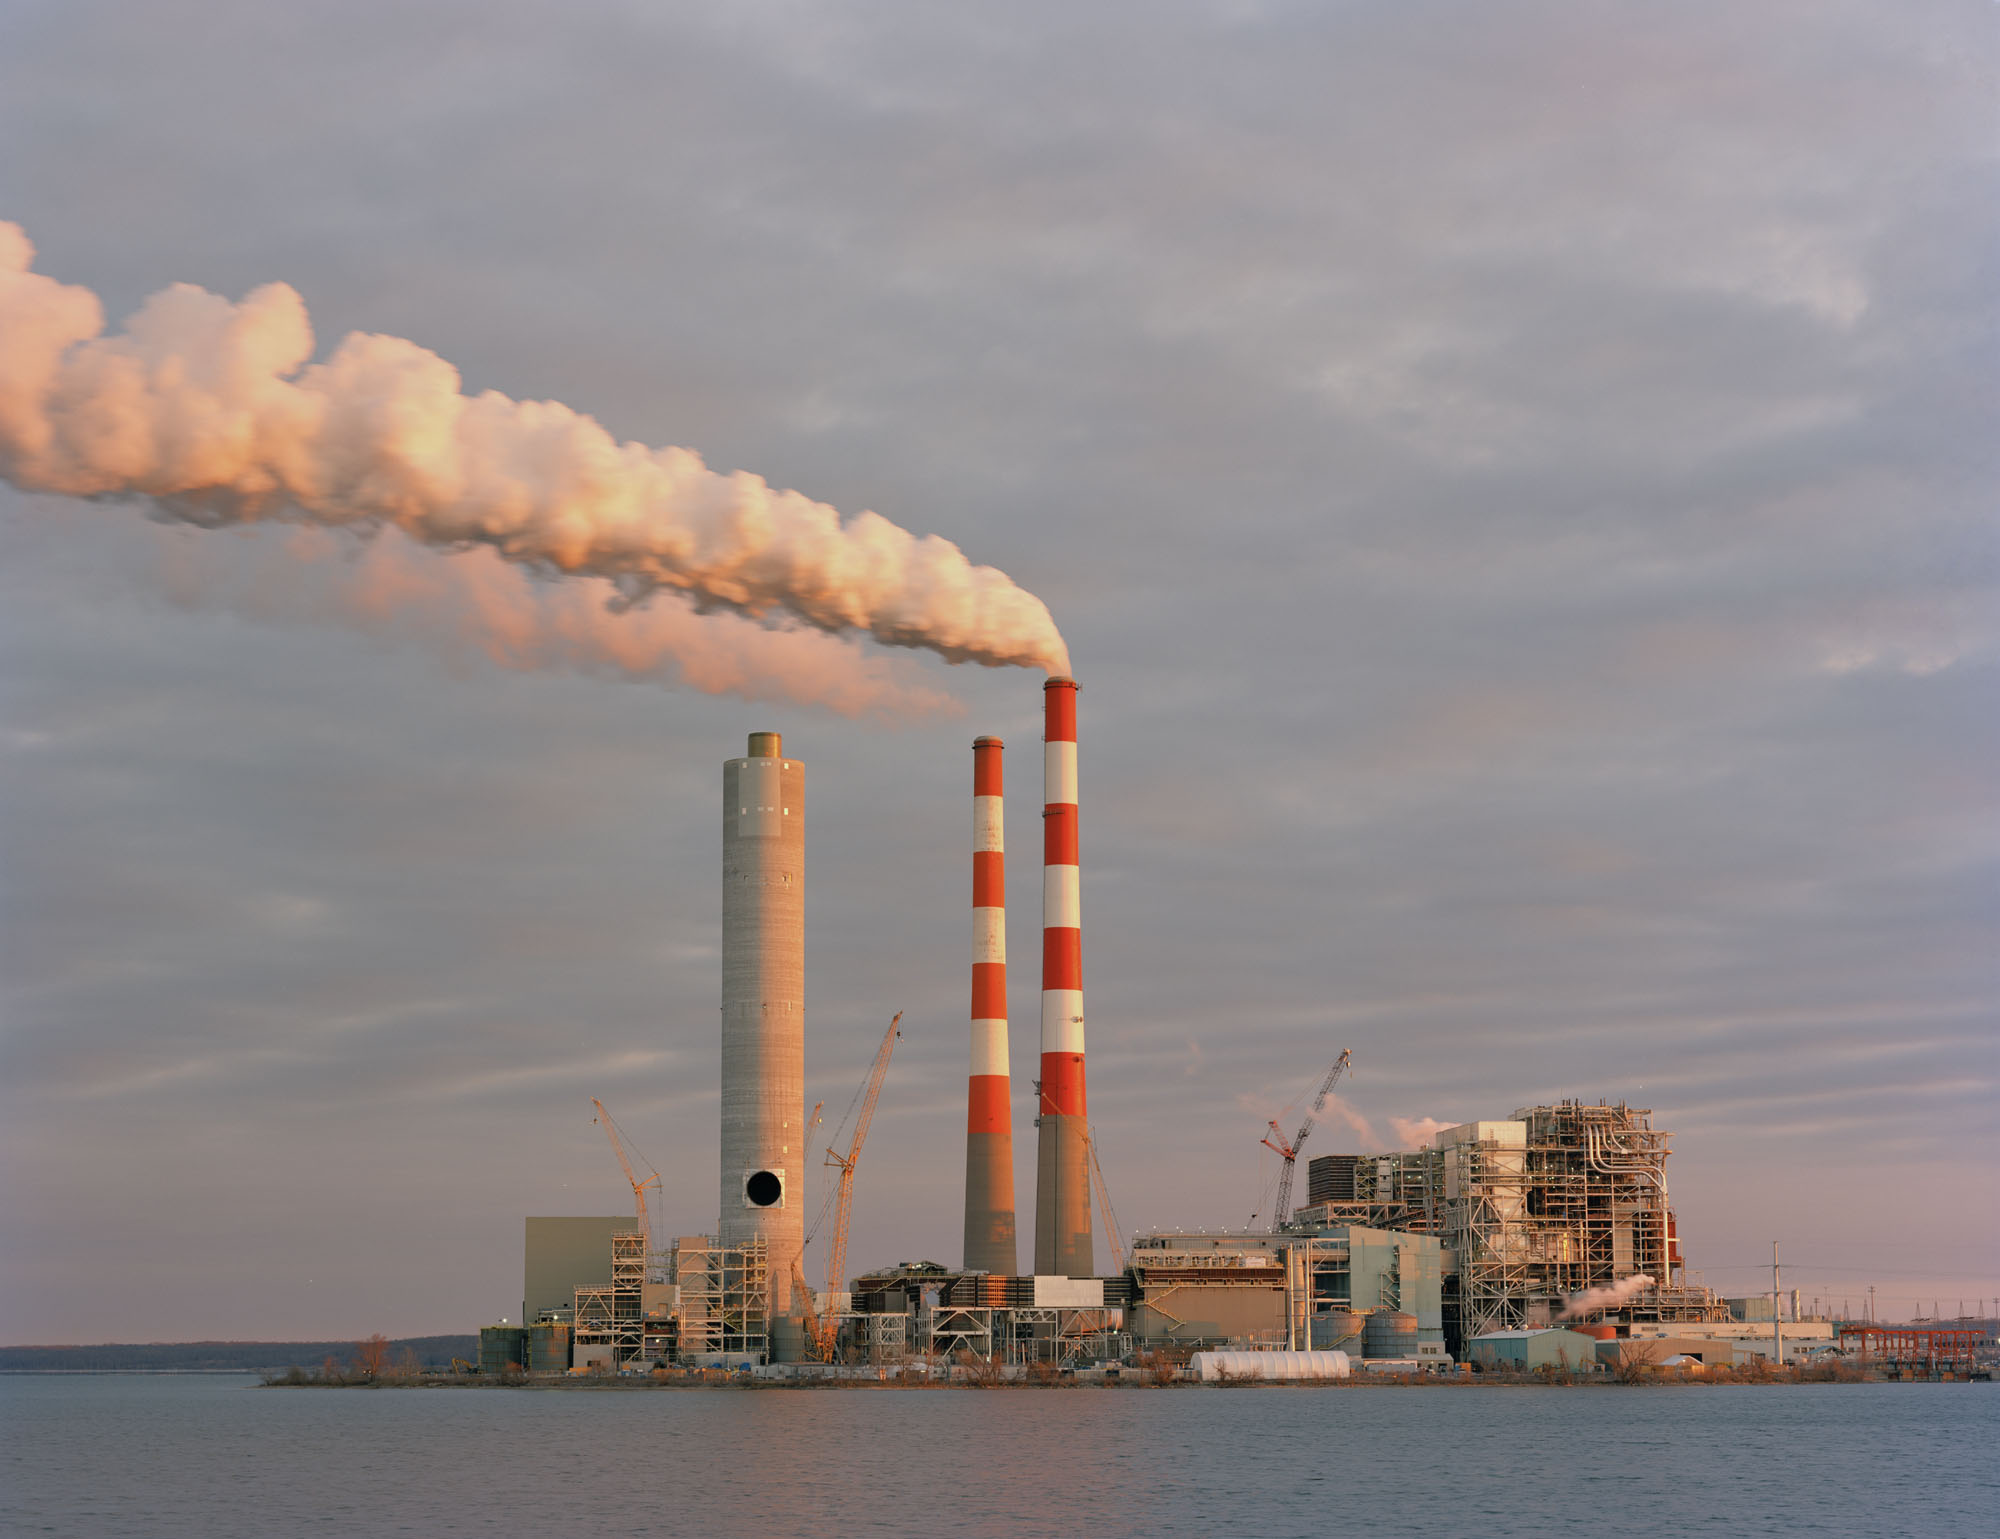 LaCygne, 681 MW, Coal